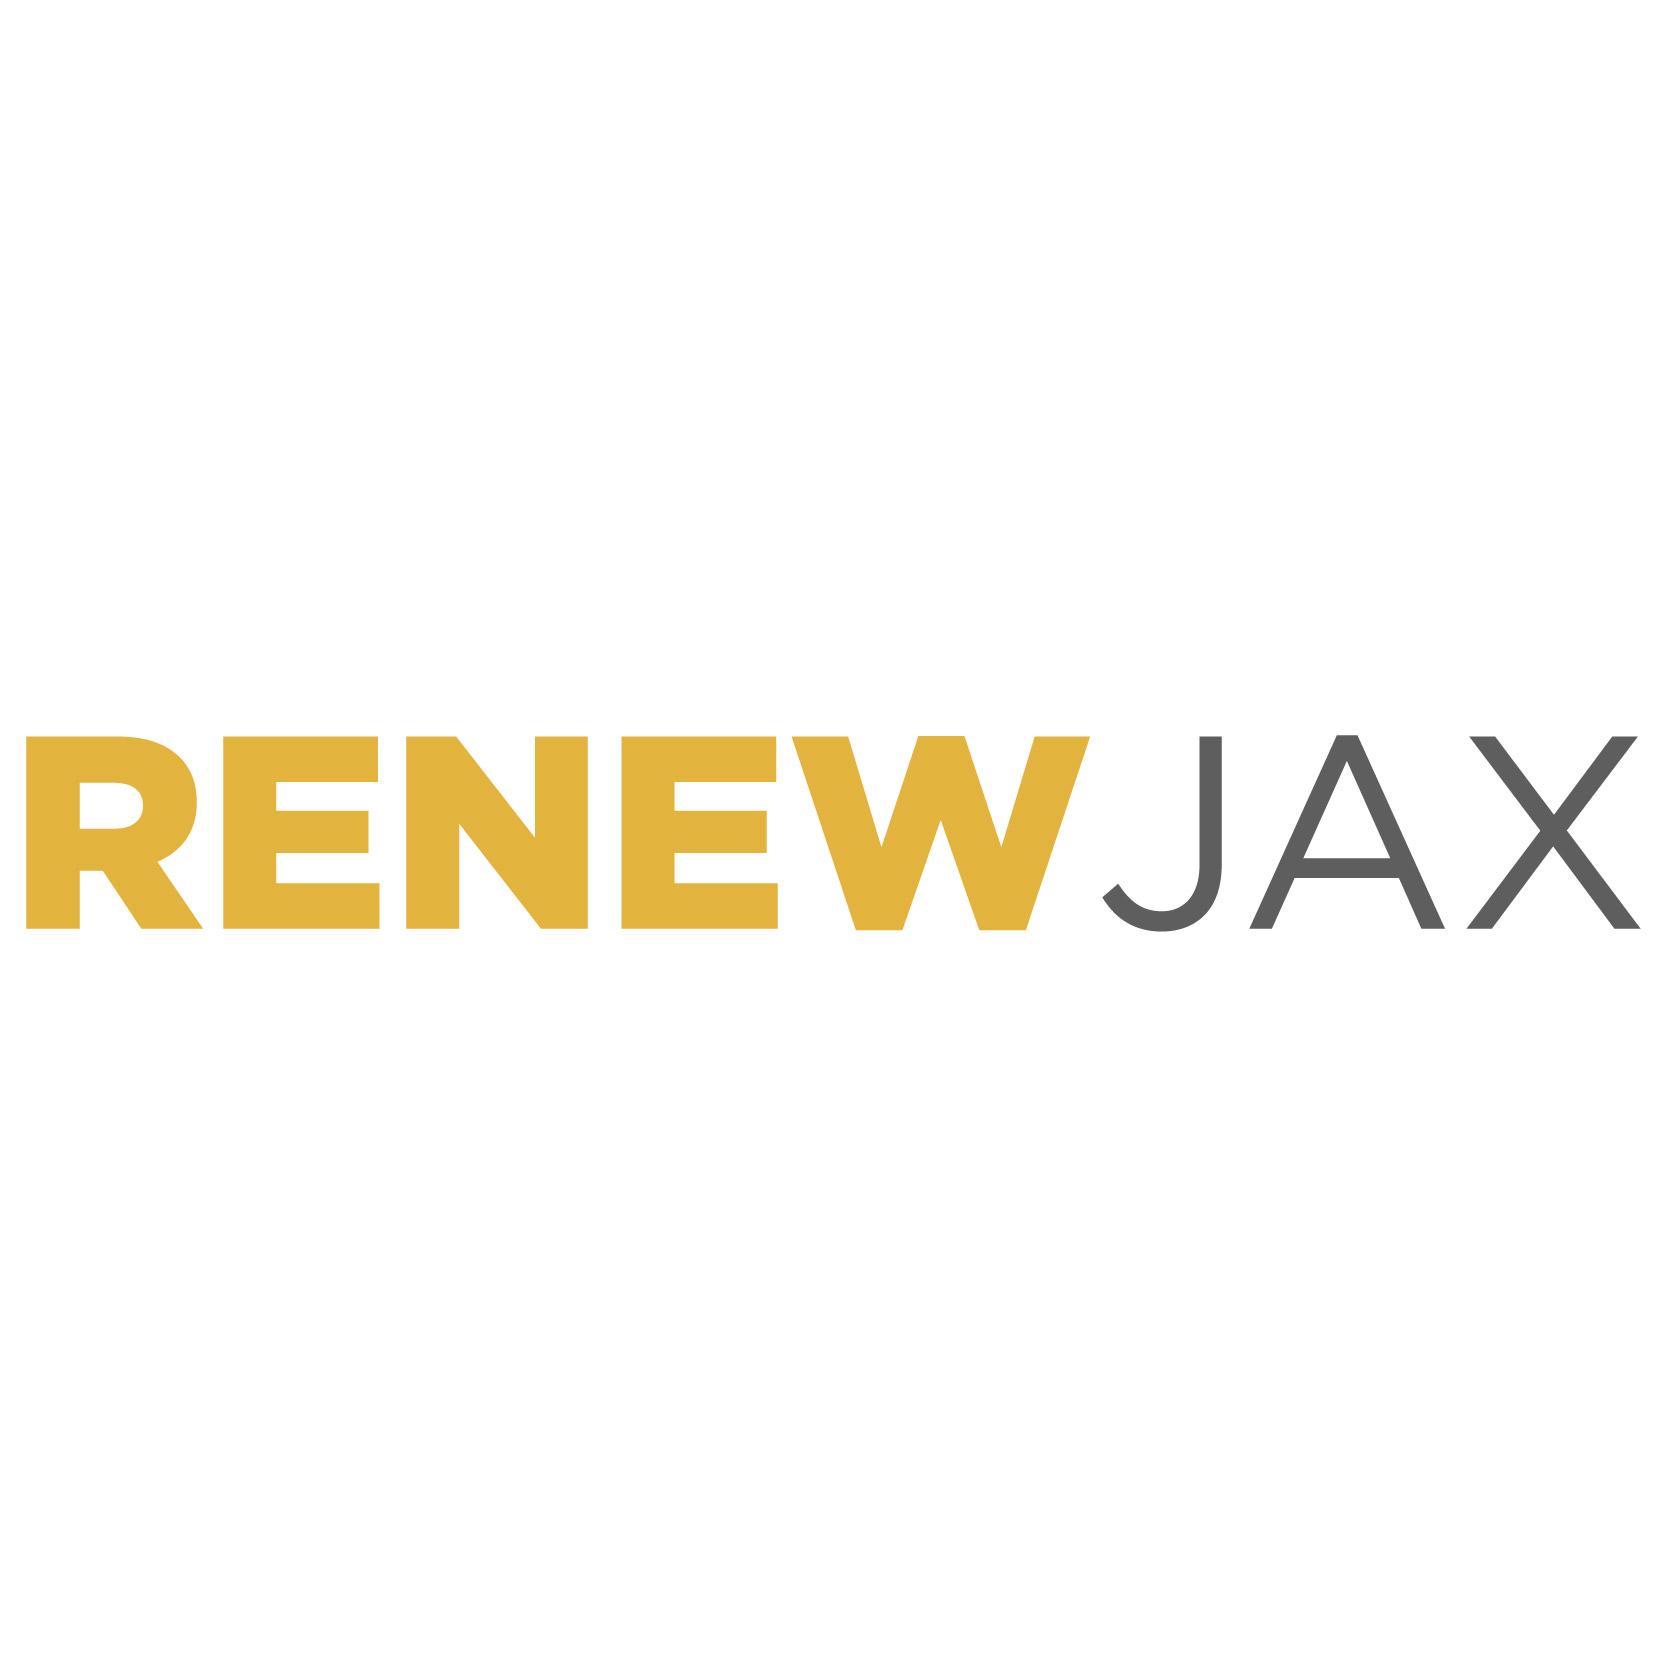 renewjax.jpg